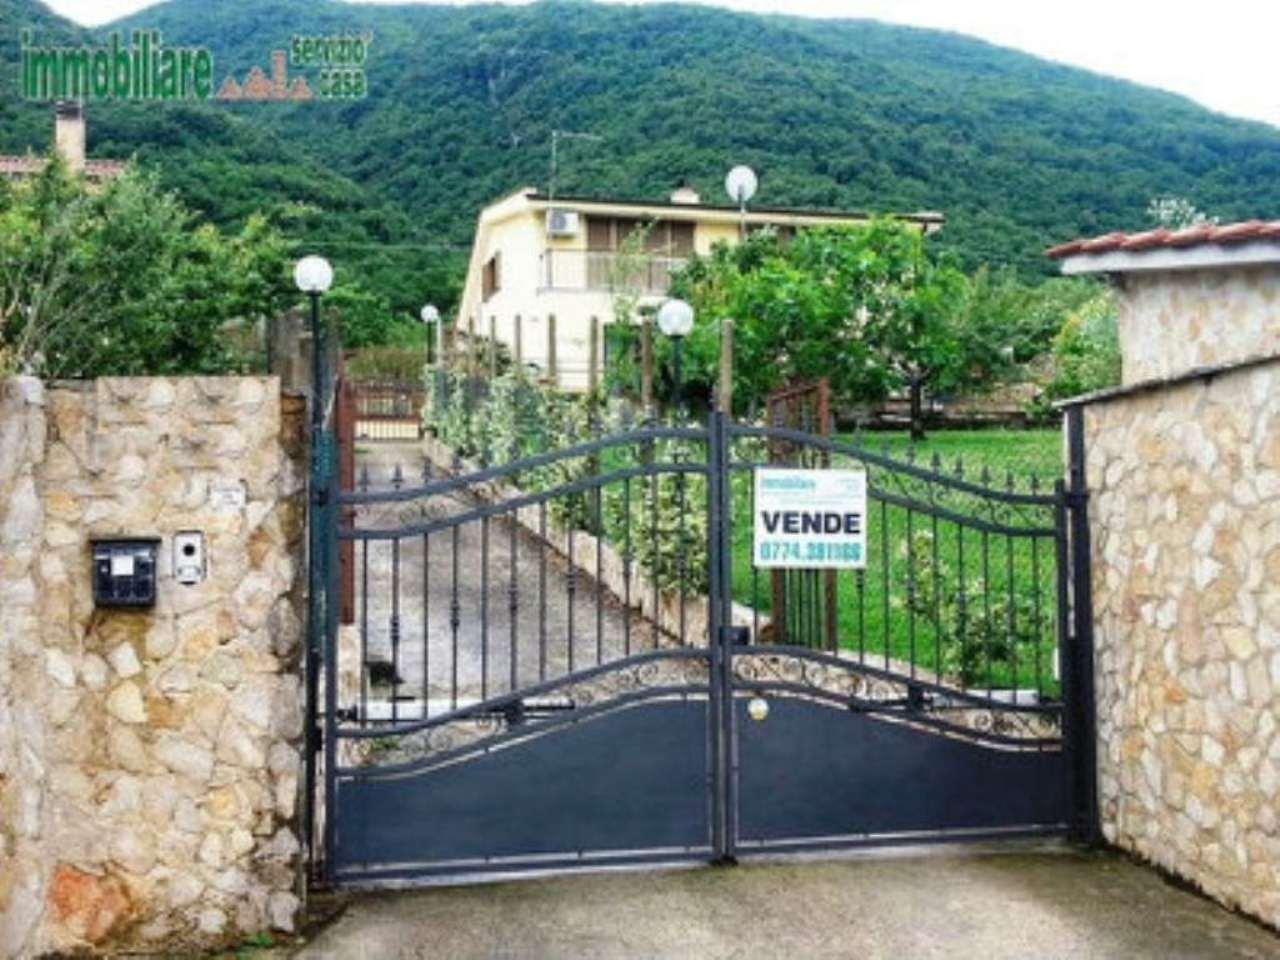 Villa in vendita a Castel Madama, 5 locali, prezzo € 268.000 | Cambio Casa.it